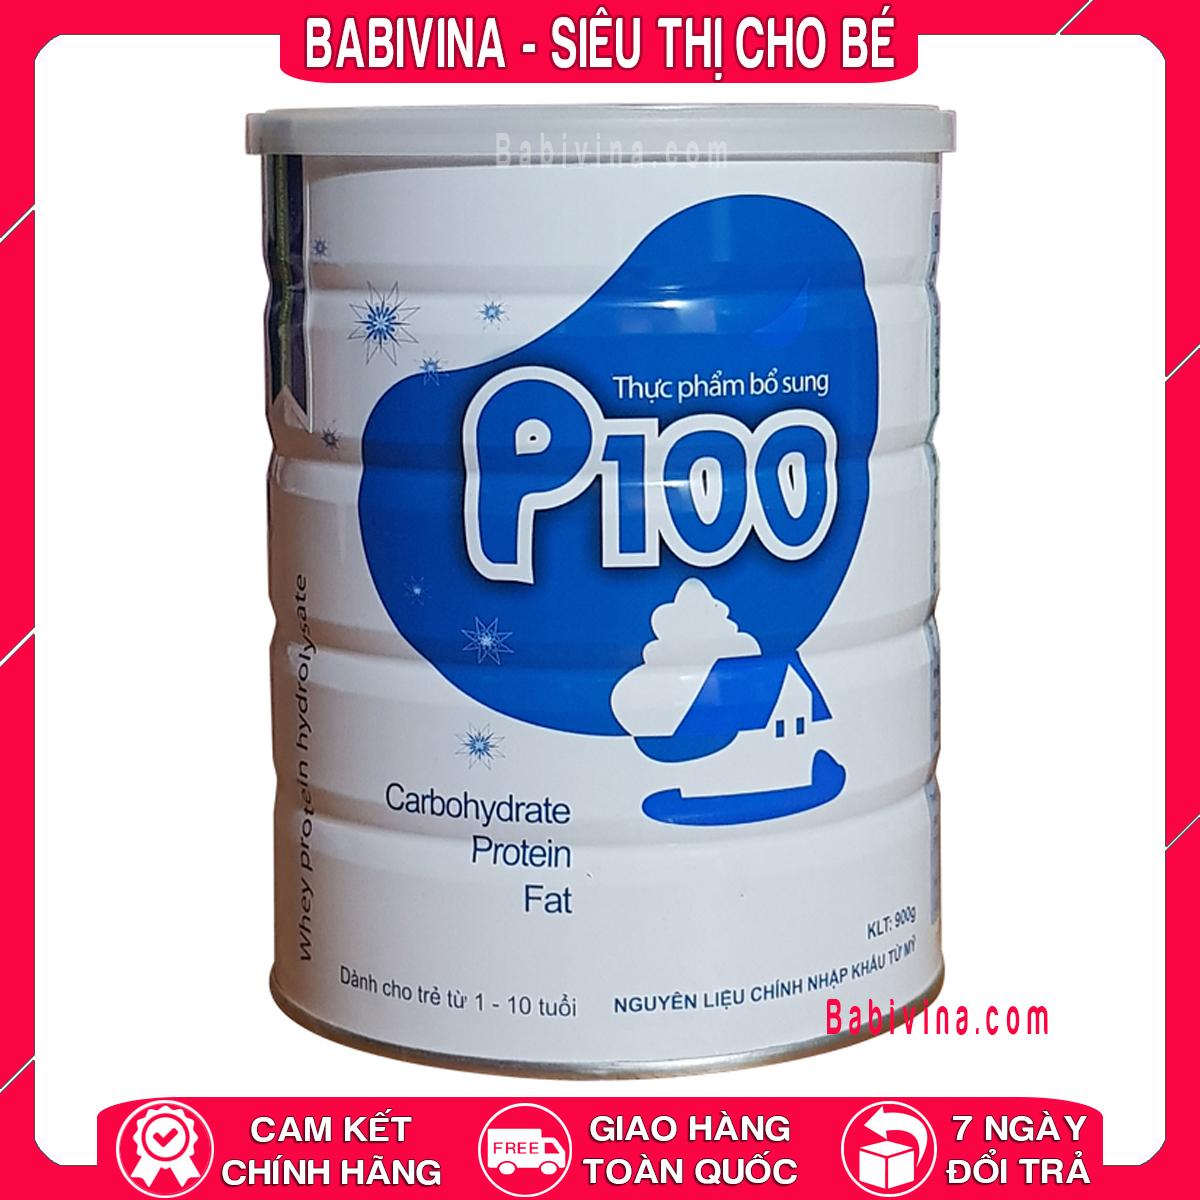 Sữa Bột P100 900g Cho Trẻ Từ 1-10 Tuổi Biếng Ăn - Thấp Còi - Chậm Lớn